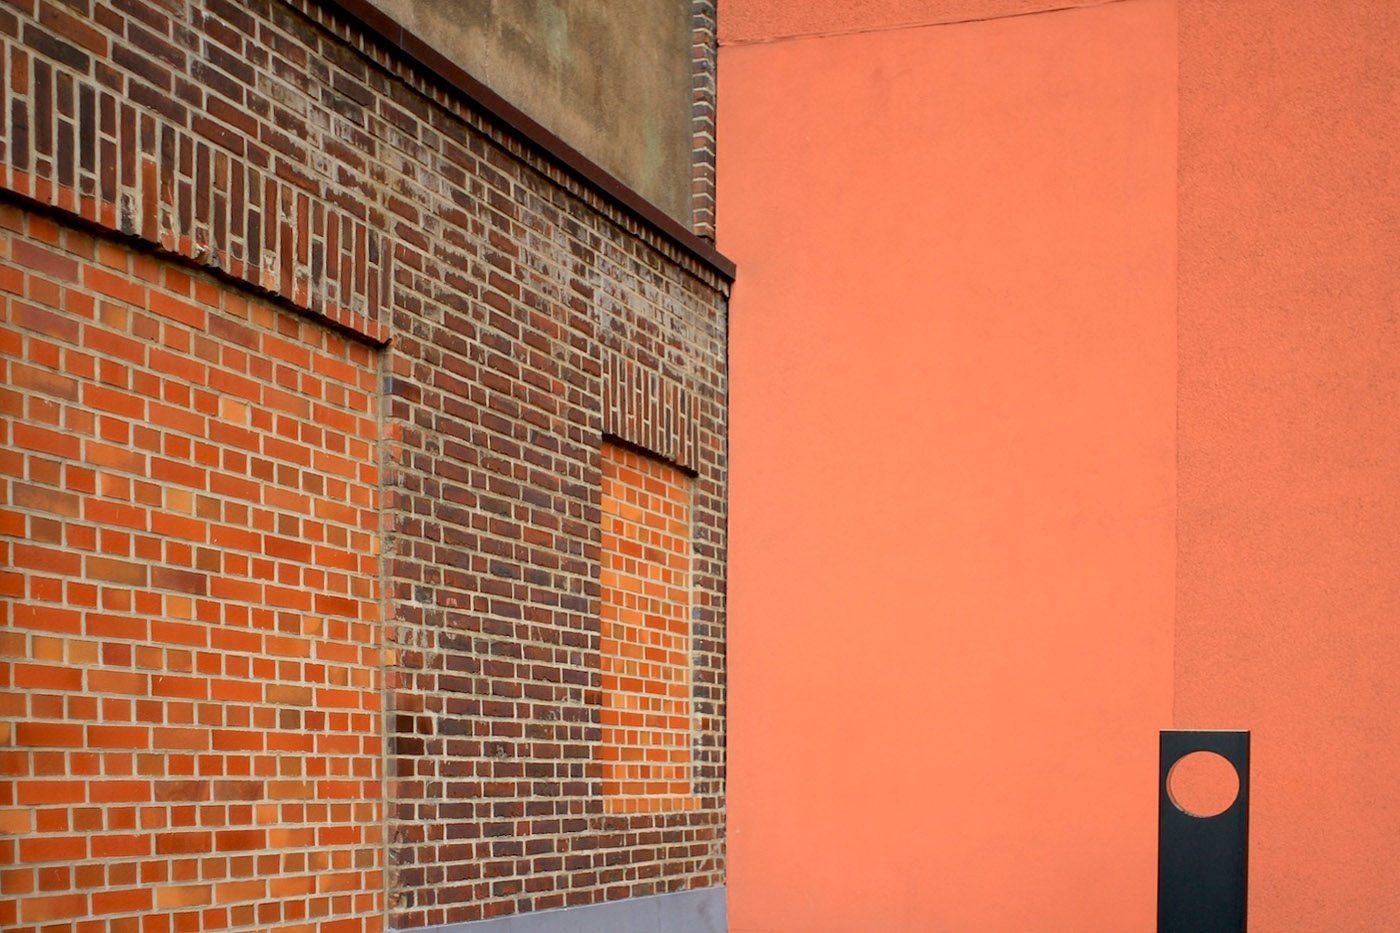 Landesarchiv NRW. Das denkmalgeschützte Speichergebäude der Rheinisch-Westfälischen Speditions-Gesellschaft aus den 1930er-Jahren wurde durch einen 76 Meter hohen Archivturm erweitert.